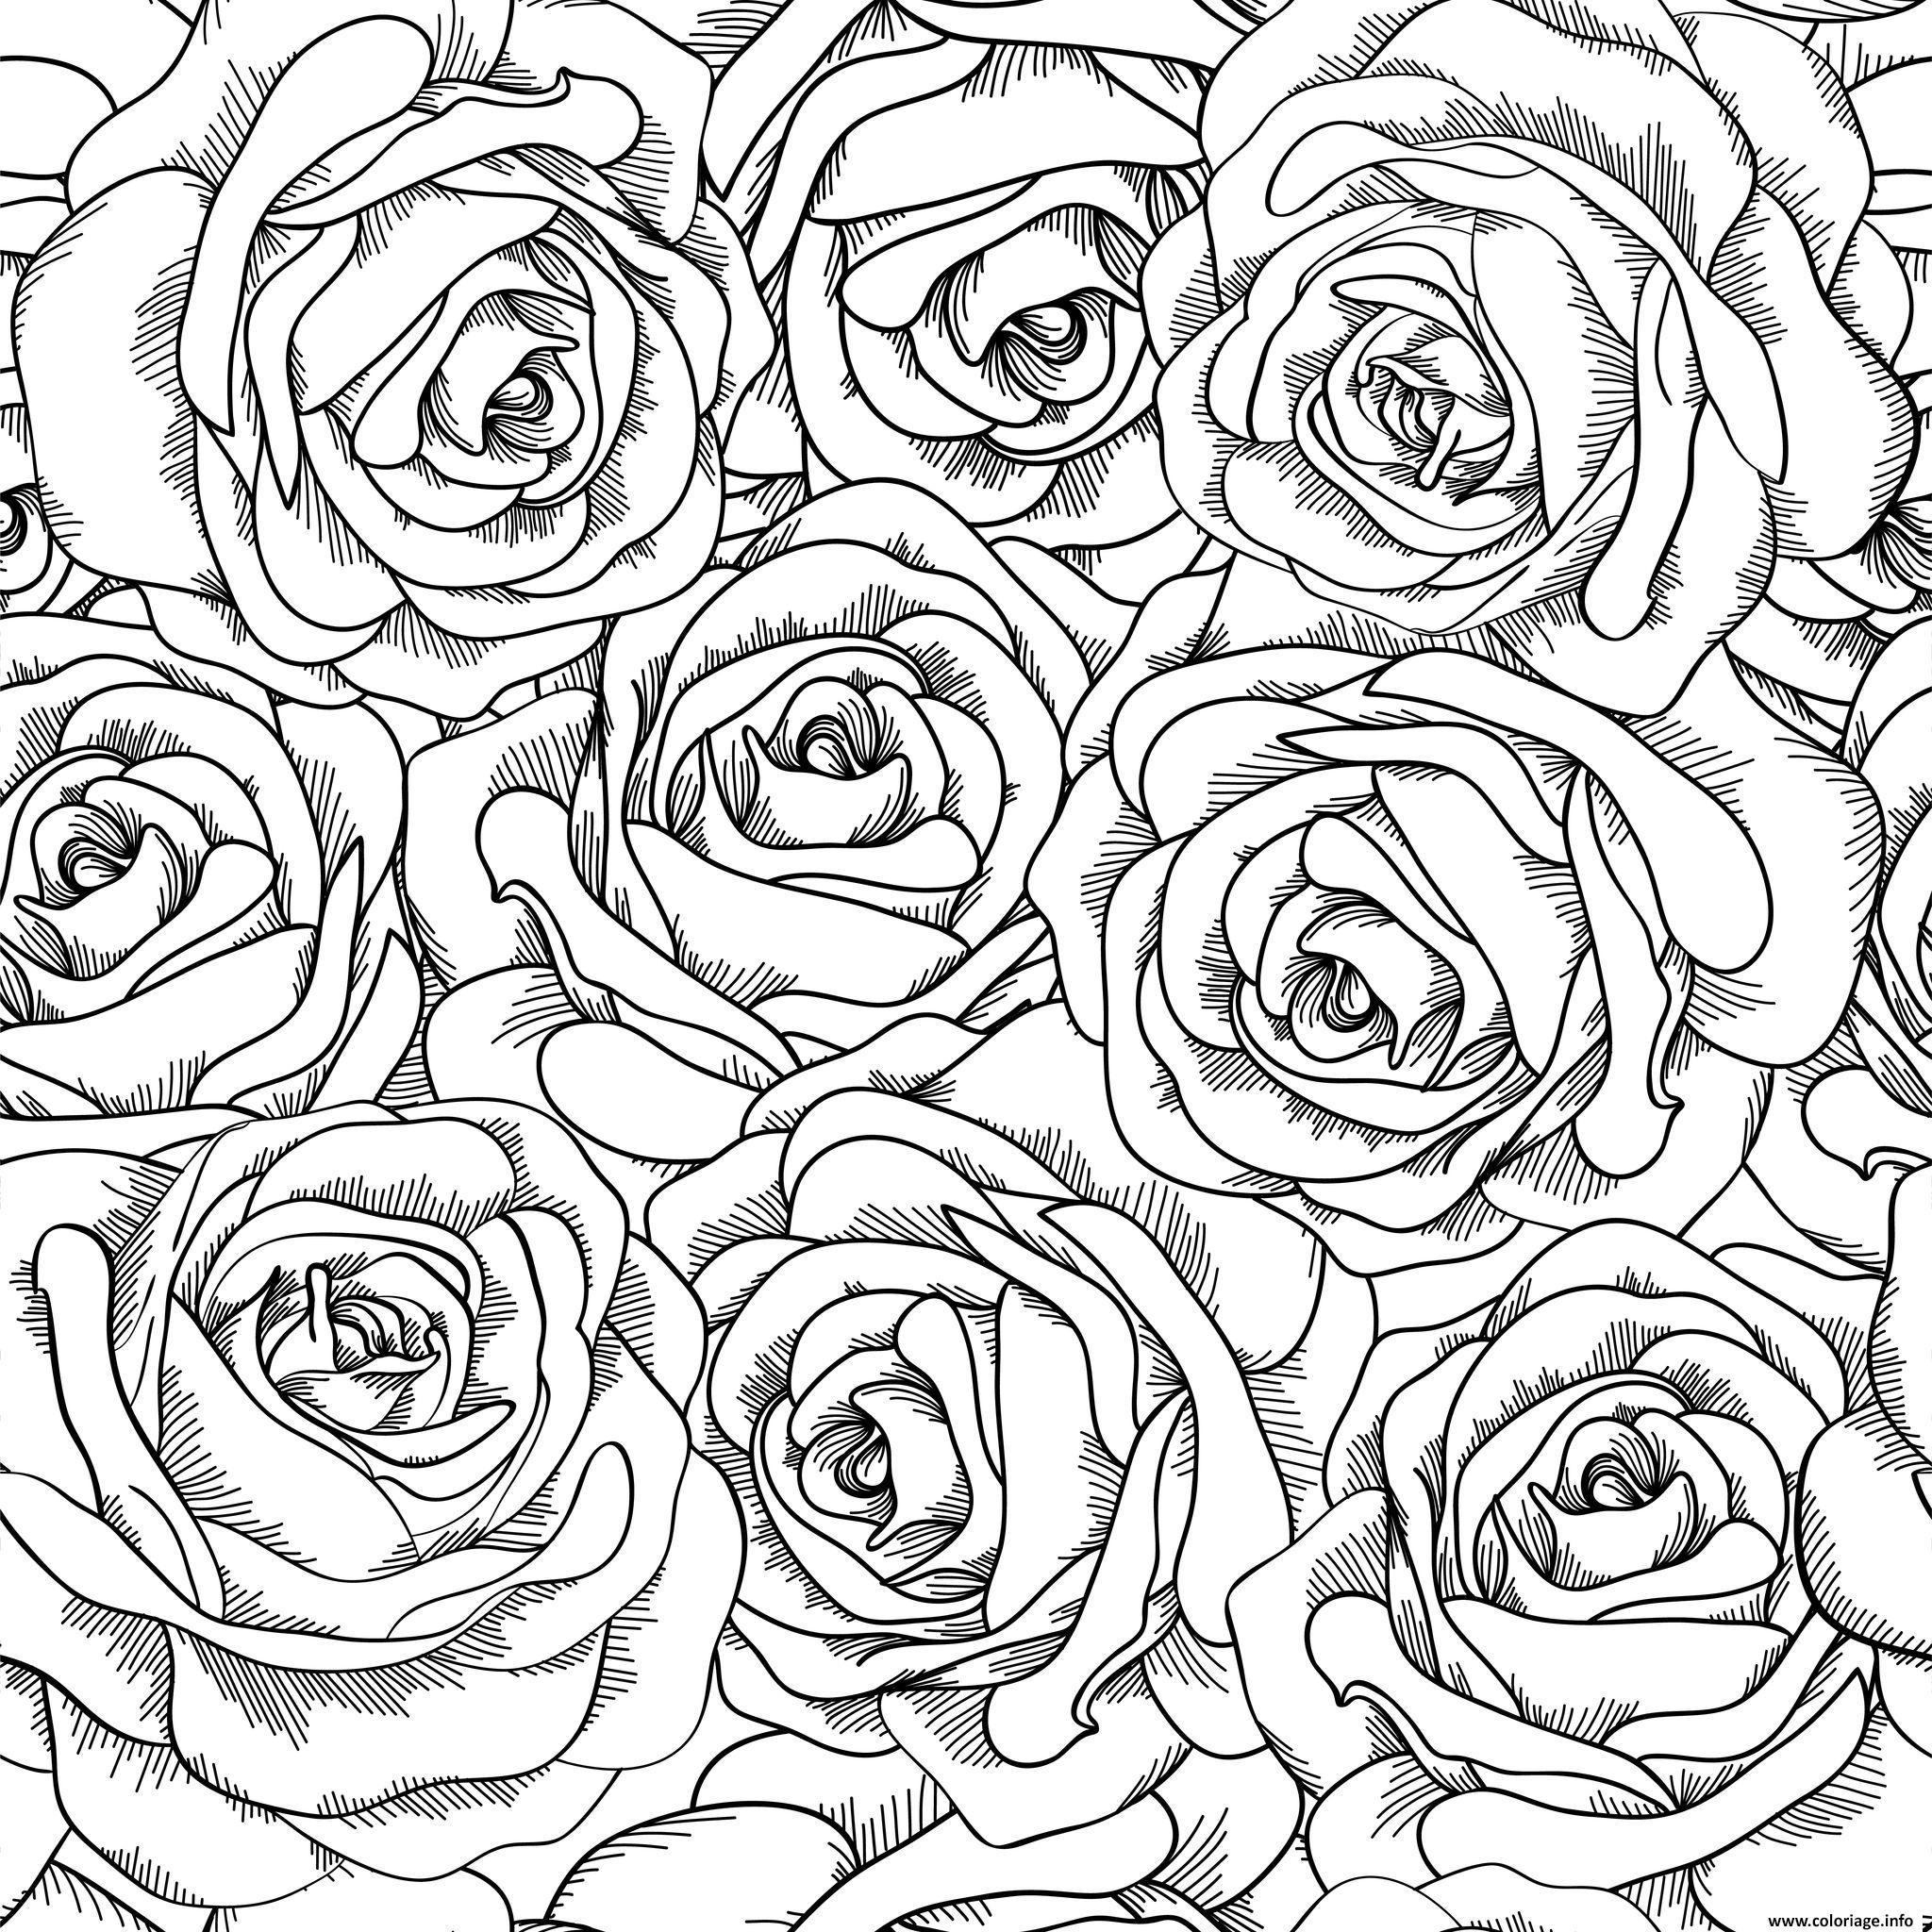 Dessin roses doodle adulte amour Coloriage Gratuit à Imprimer